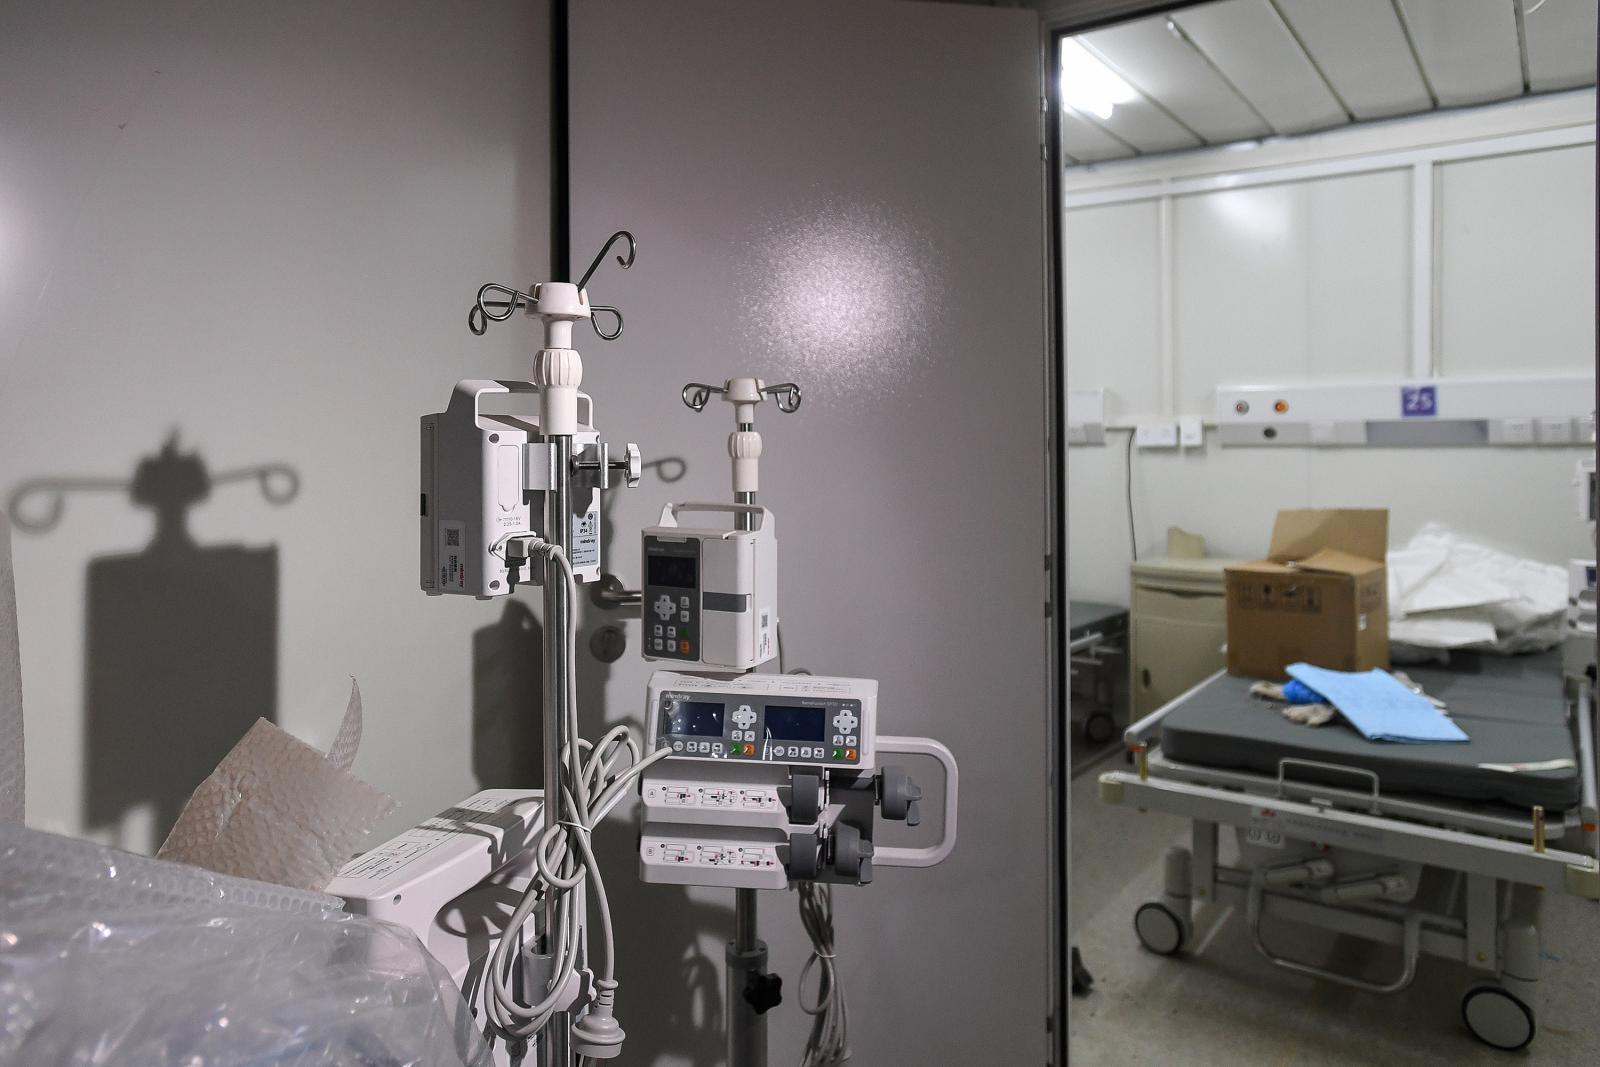 ไวรัสโคโรนา: เปิดภาพภายใน รพ.หั่วเสินซาน หลังก่อสร้างเสร็จเพียง 10 วัน